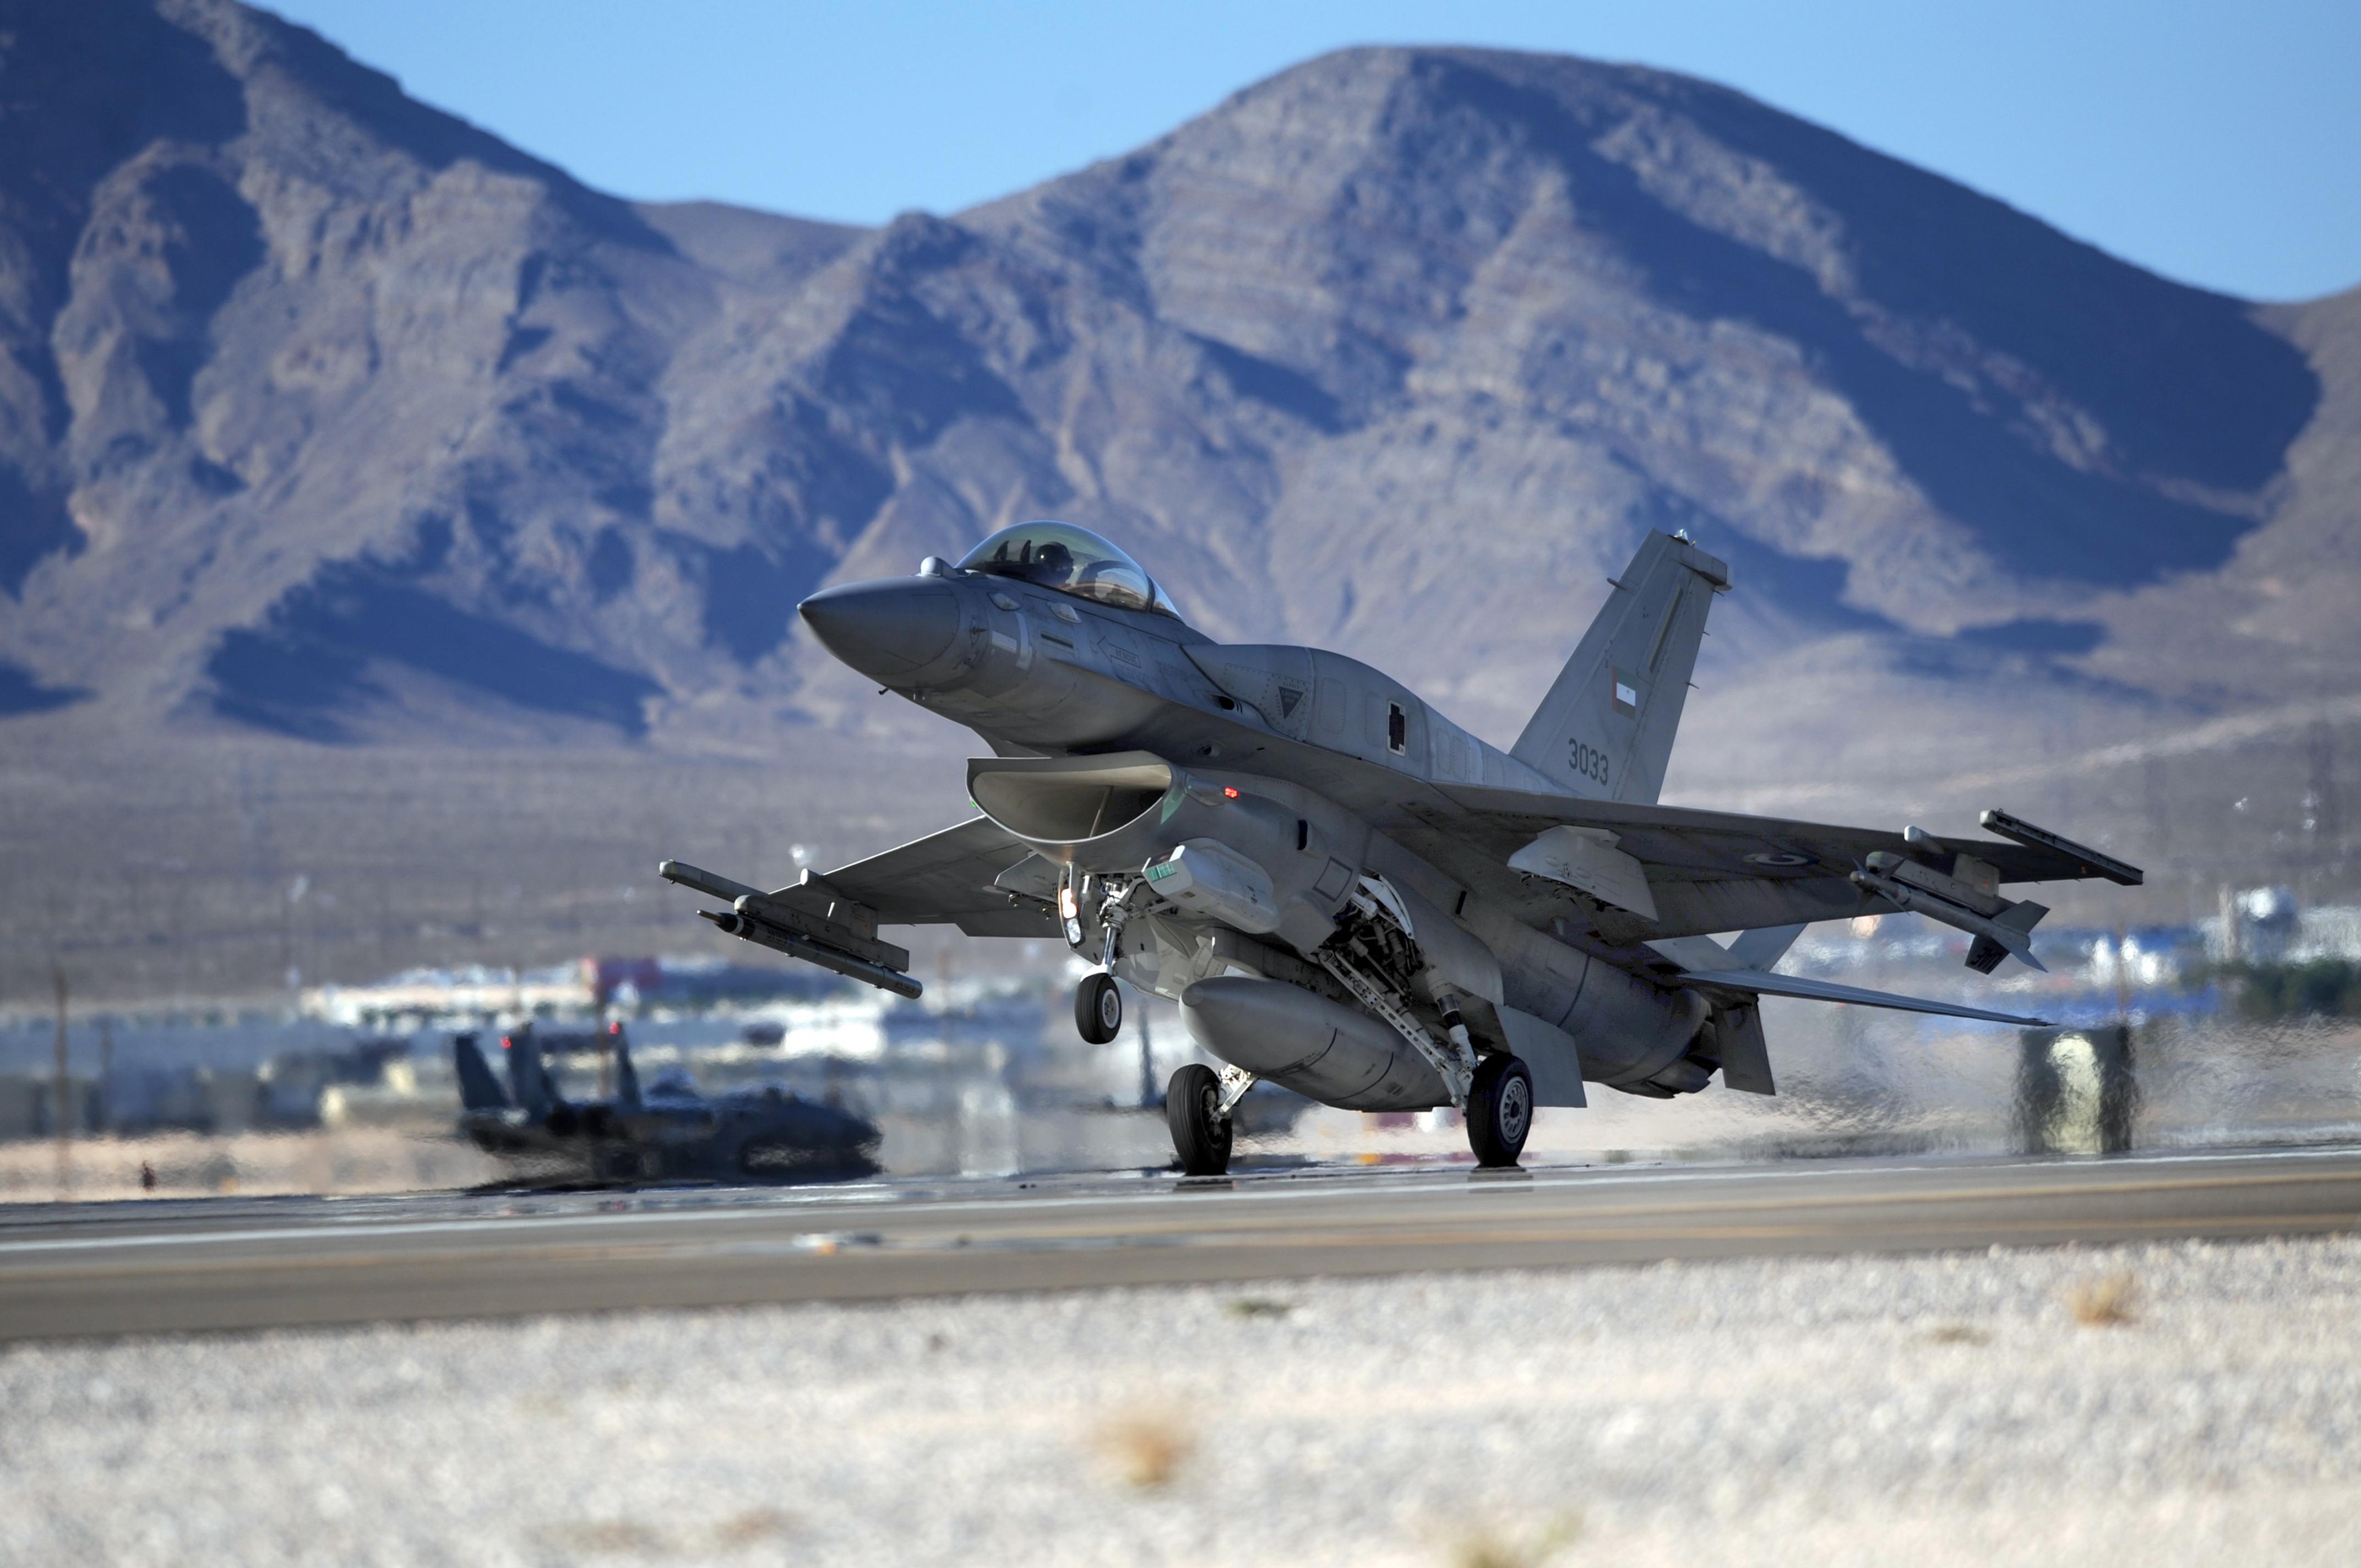 полезная многофункциональная самолеты фотографии красивые военные свержения тиранов